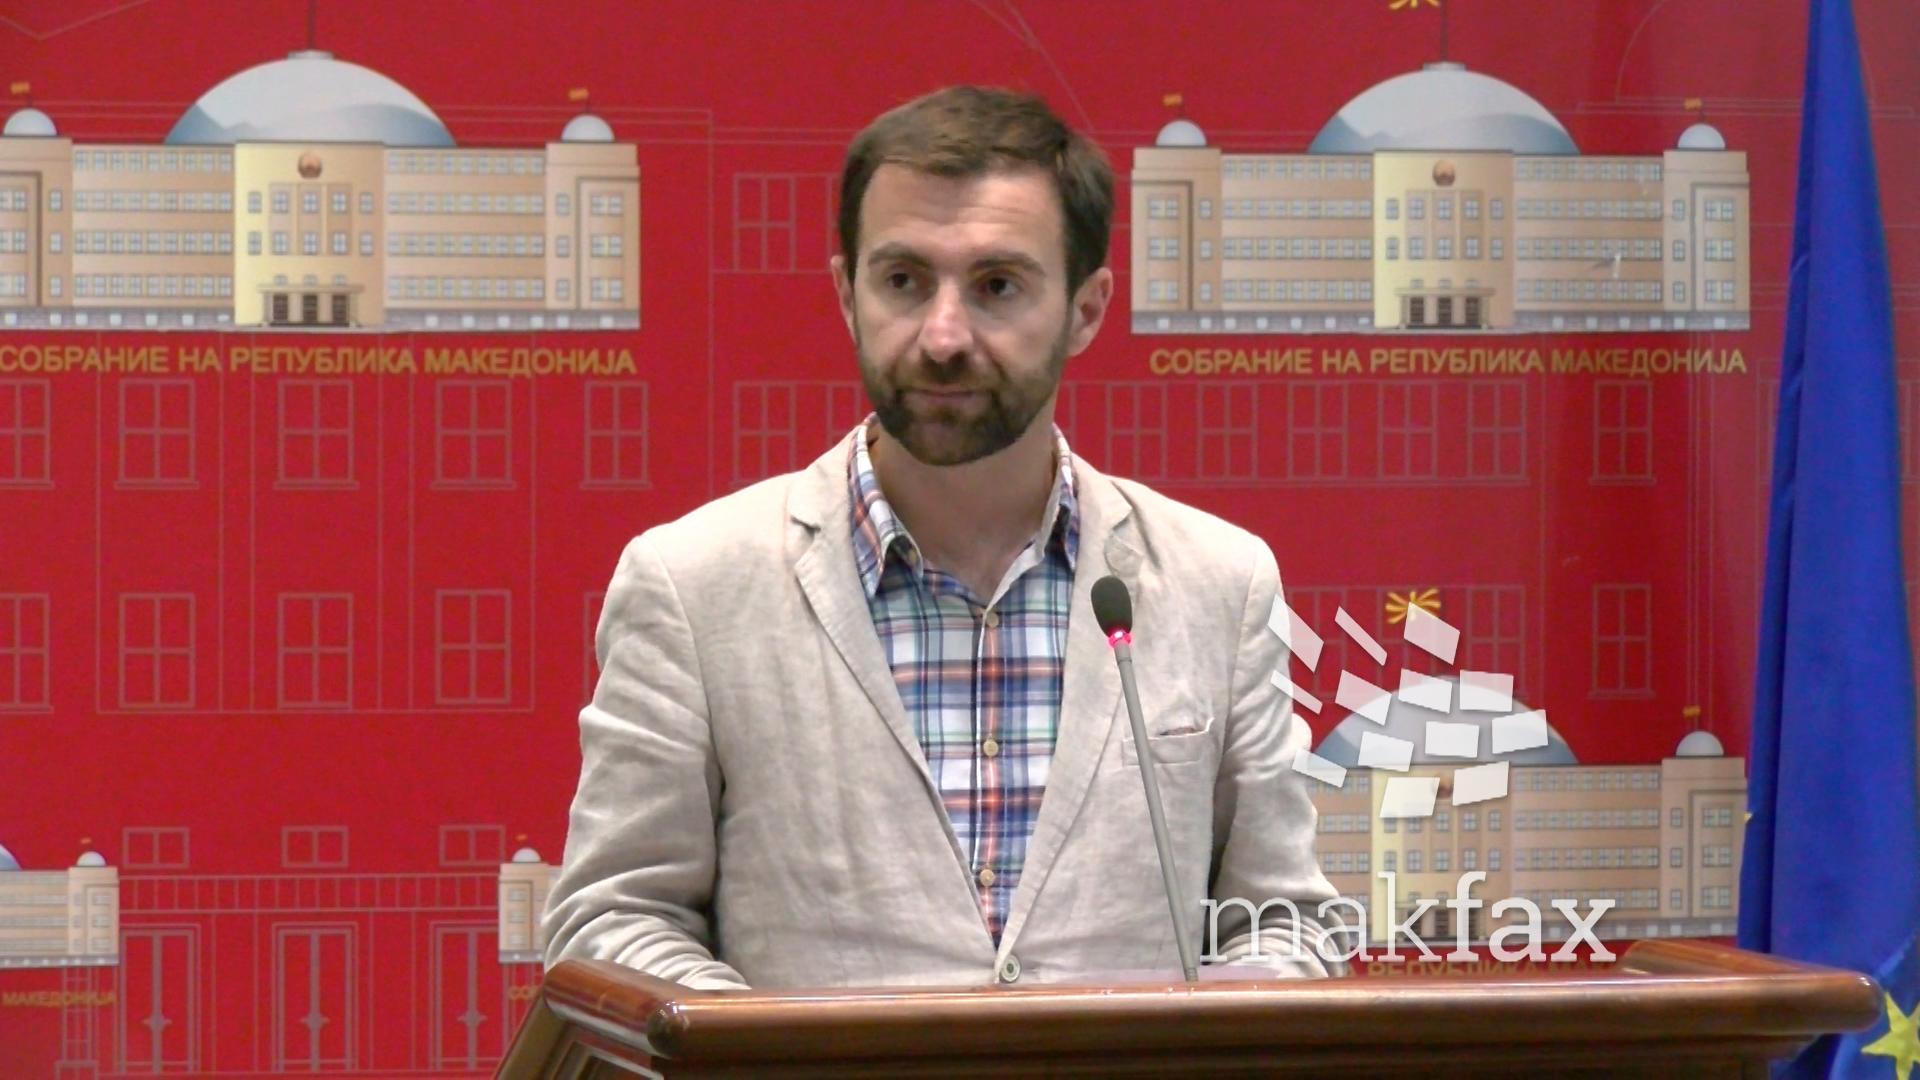 Димовски бара прекин на расправата за Зврлевски  Во салата има повеќе новинари отколку пратеници